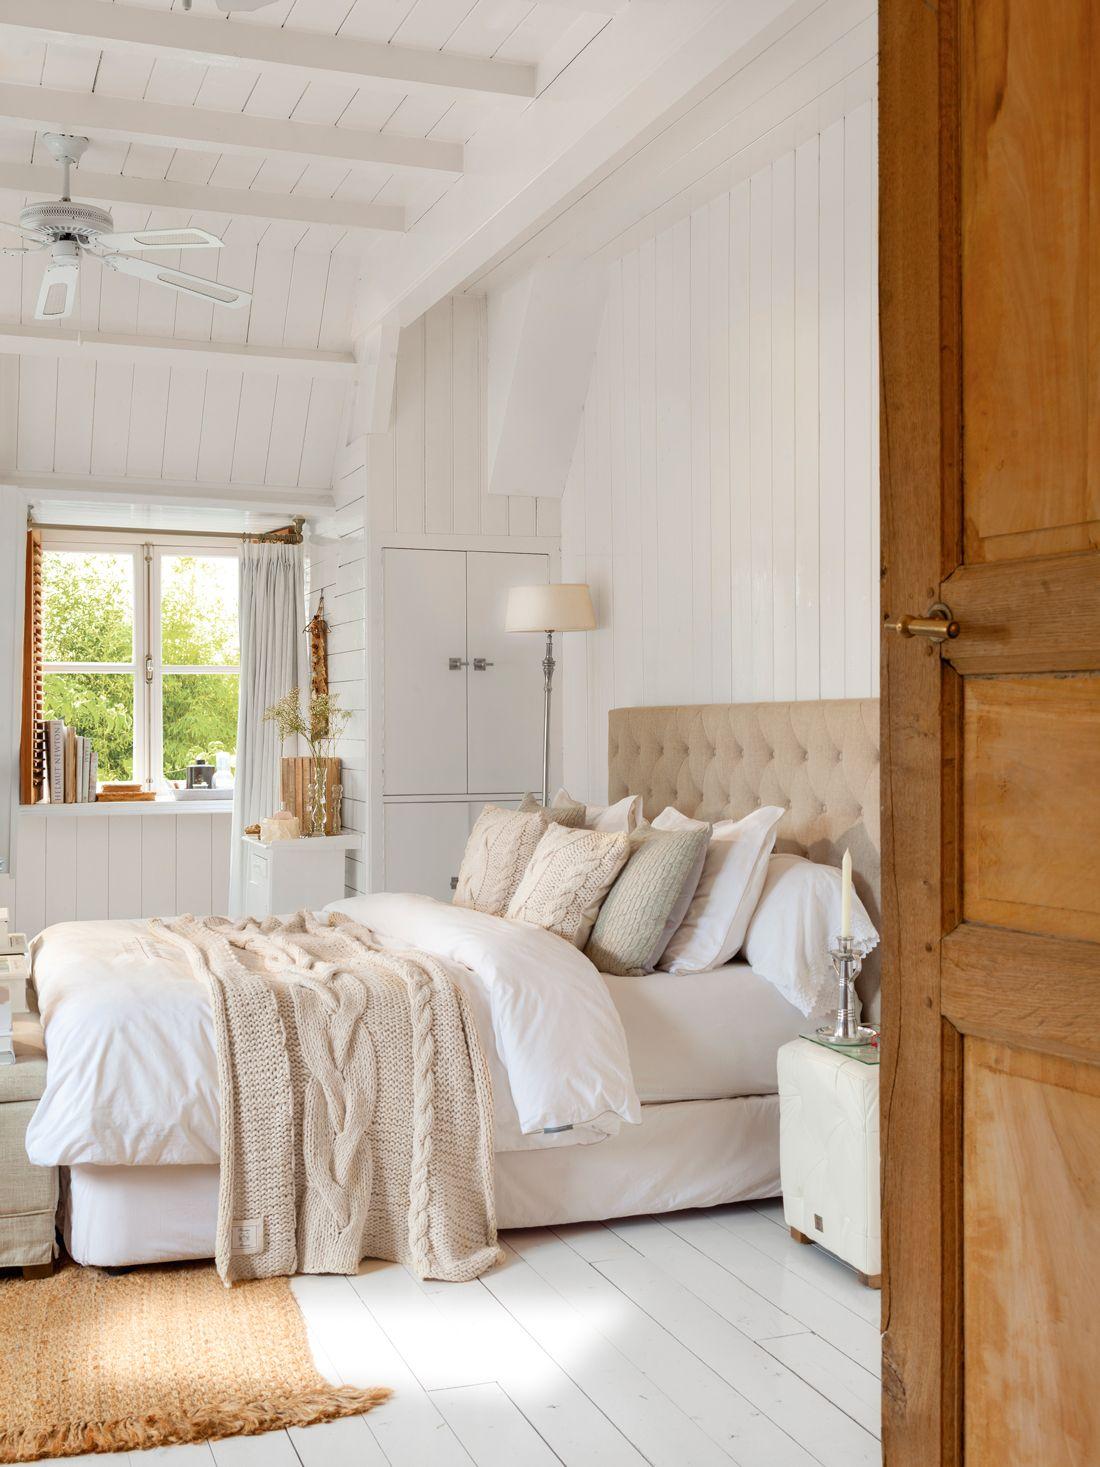 Dormitorio principal. Pared y techo de lamas de madera blancas ...